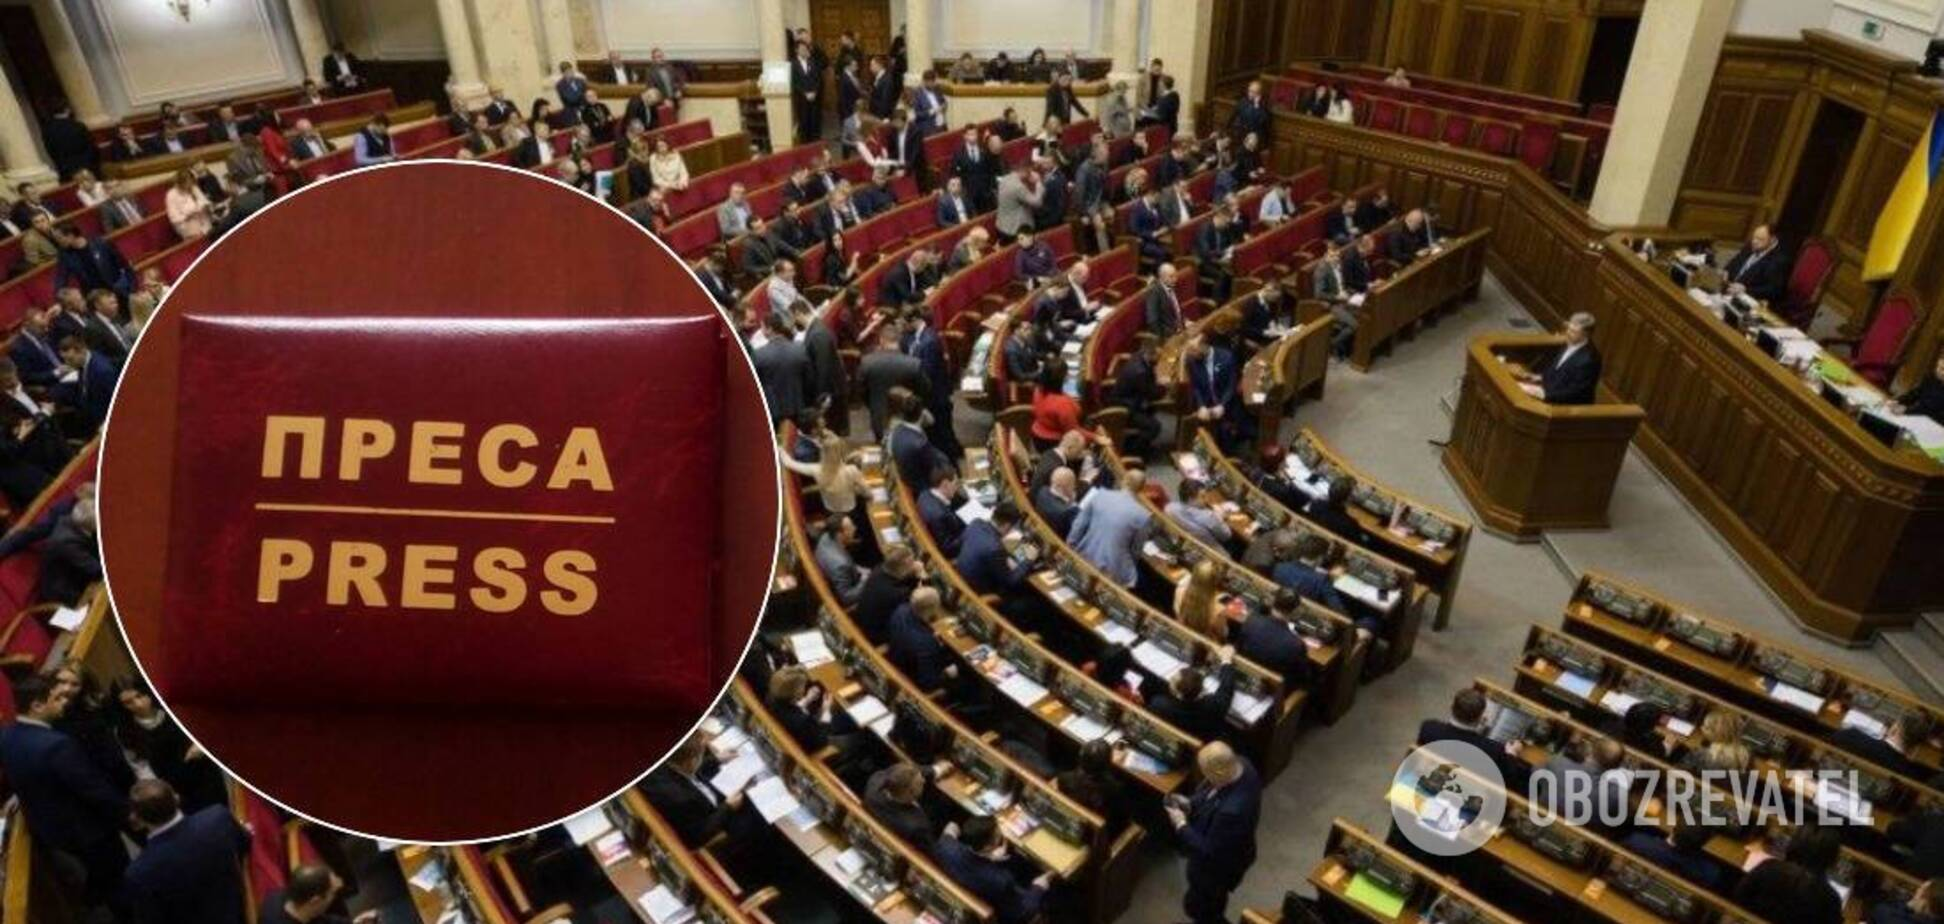 Журналісти звернулися до Ради через законопроєкт про медіа: ЗМІ загрожує цензура і санкції